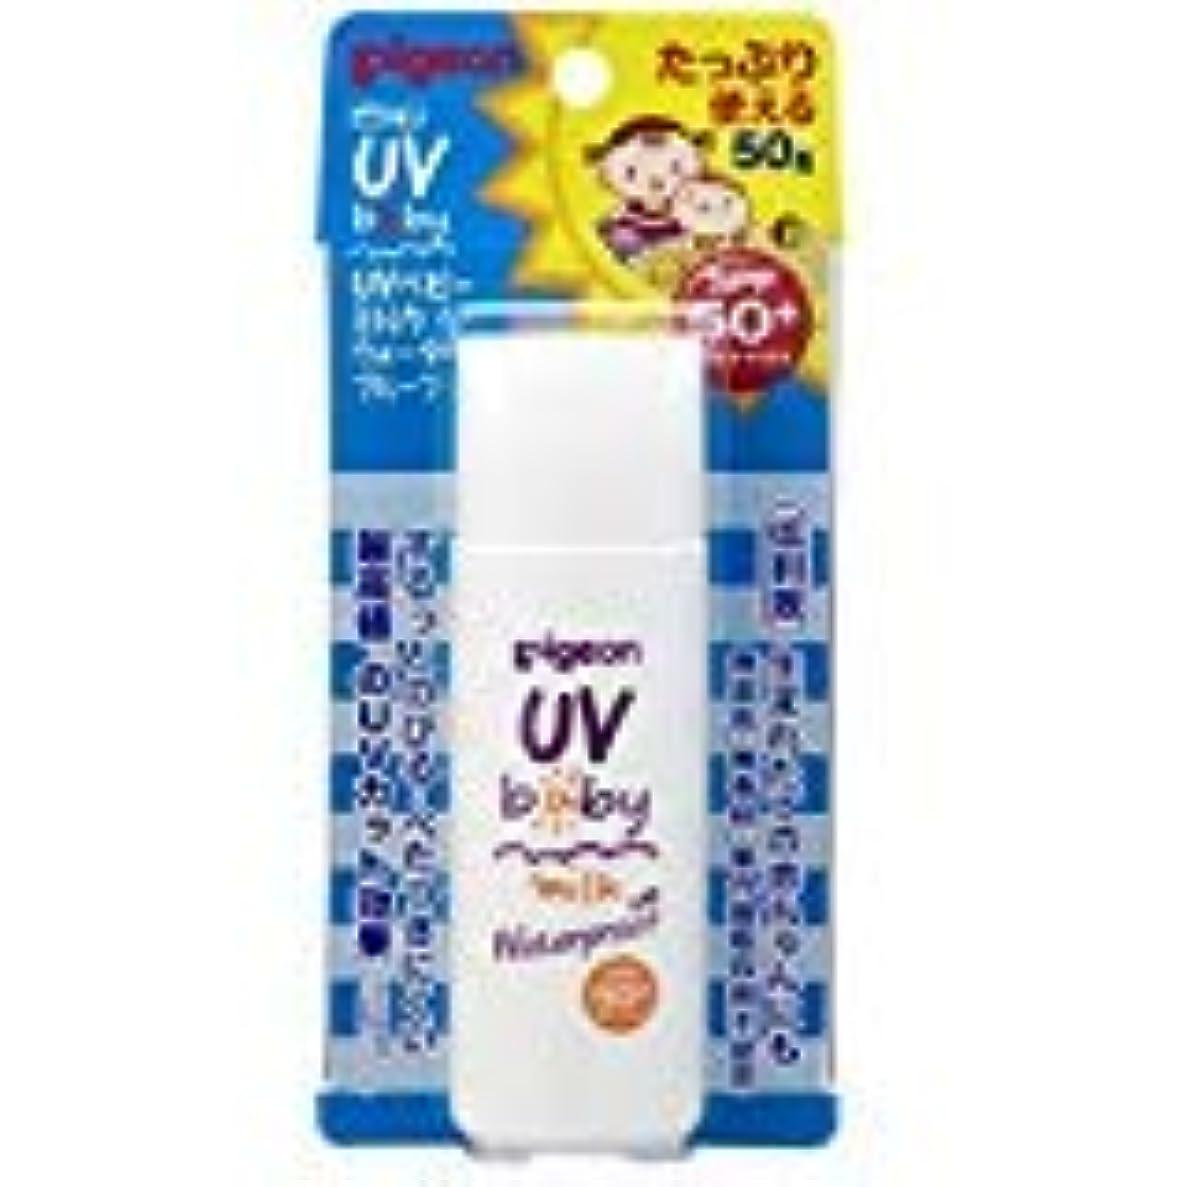 和らげる無視する回転するピジョン UVベビーミルク ウォータープルーフ SPF50+ 50g